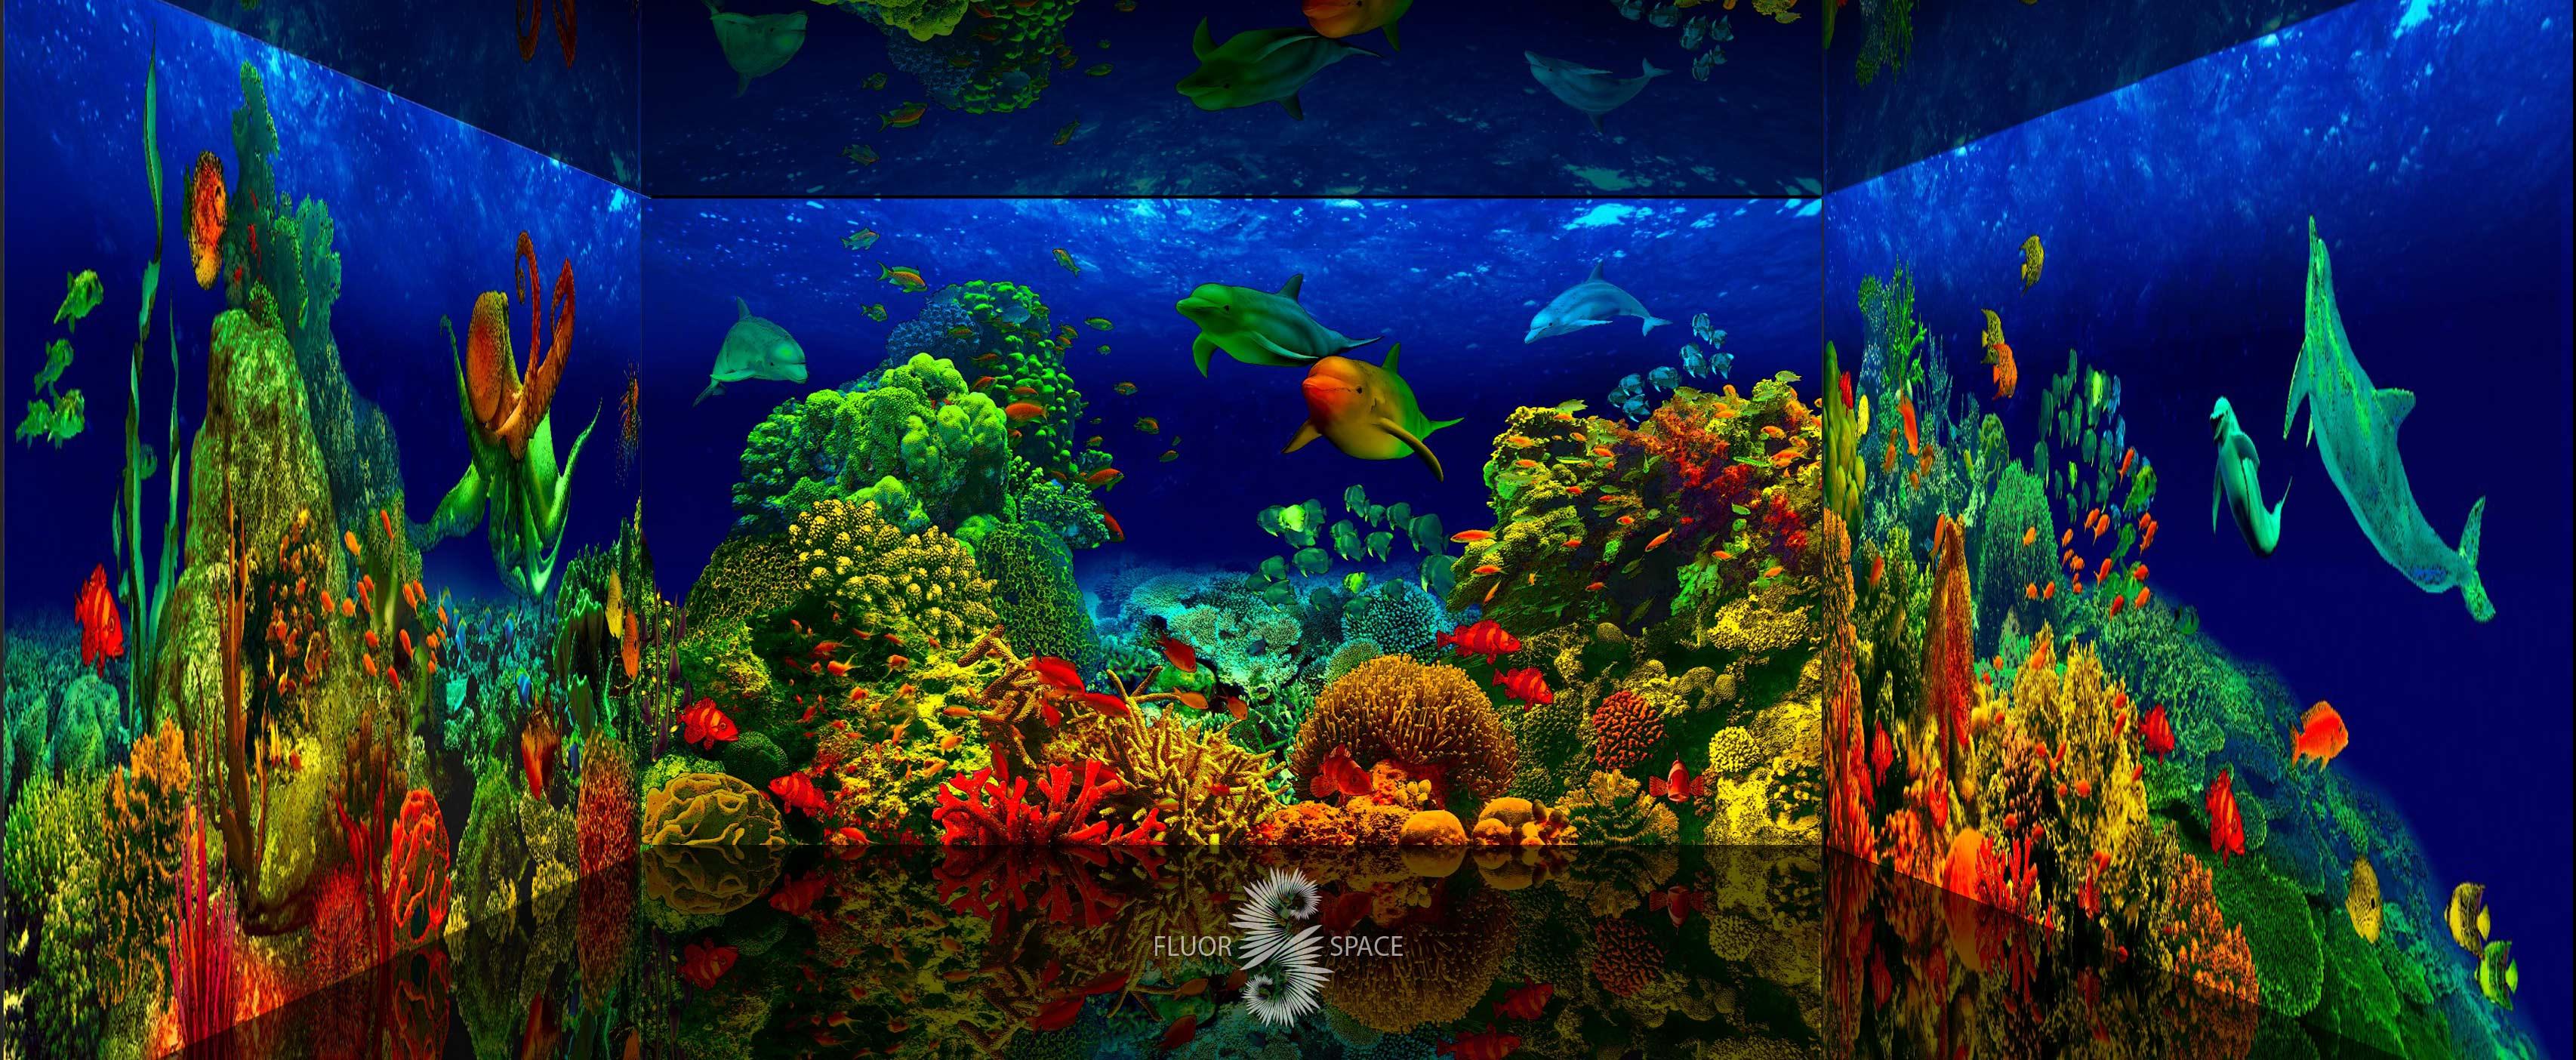 Подводный мир - флуоресцентные хроматические 3D декорации